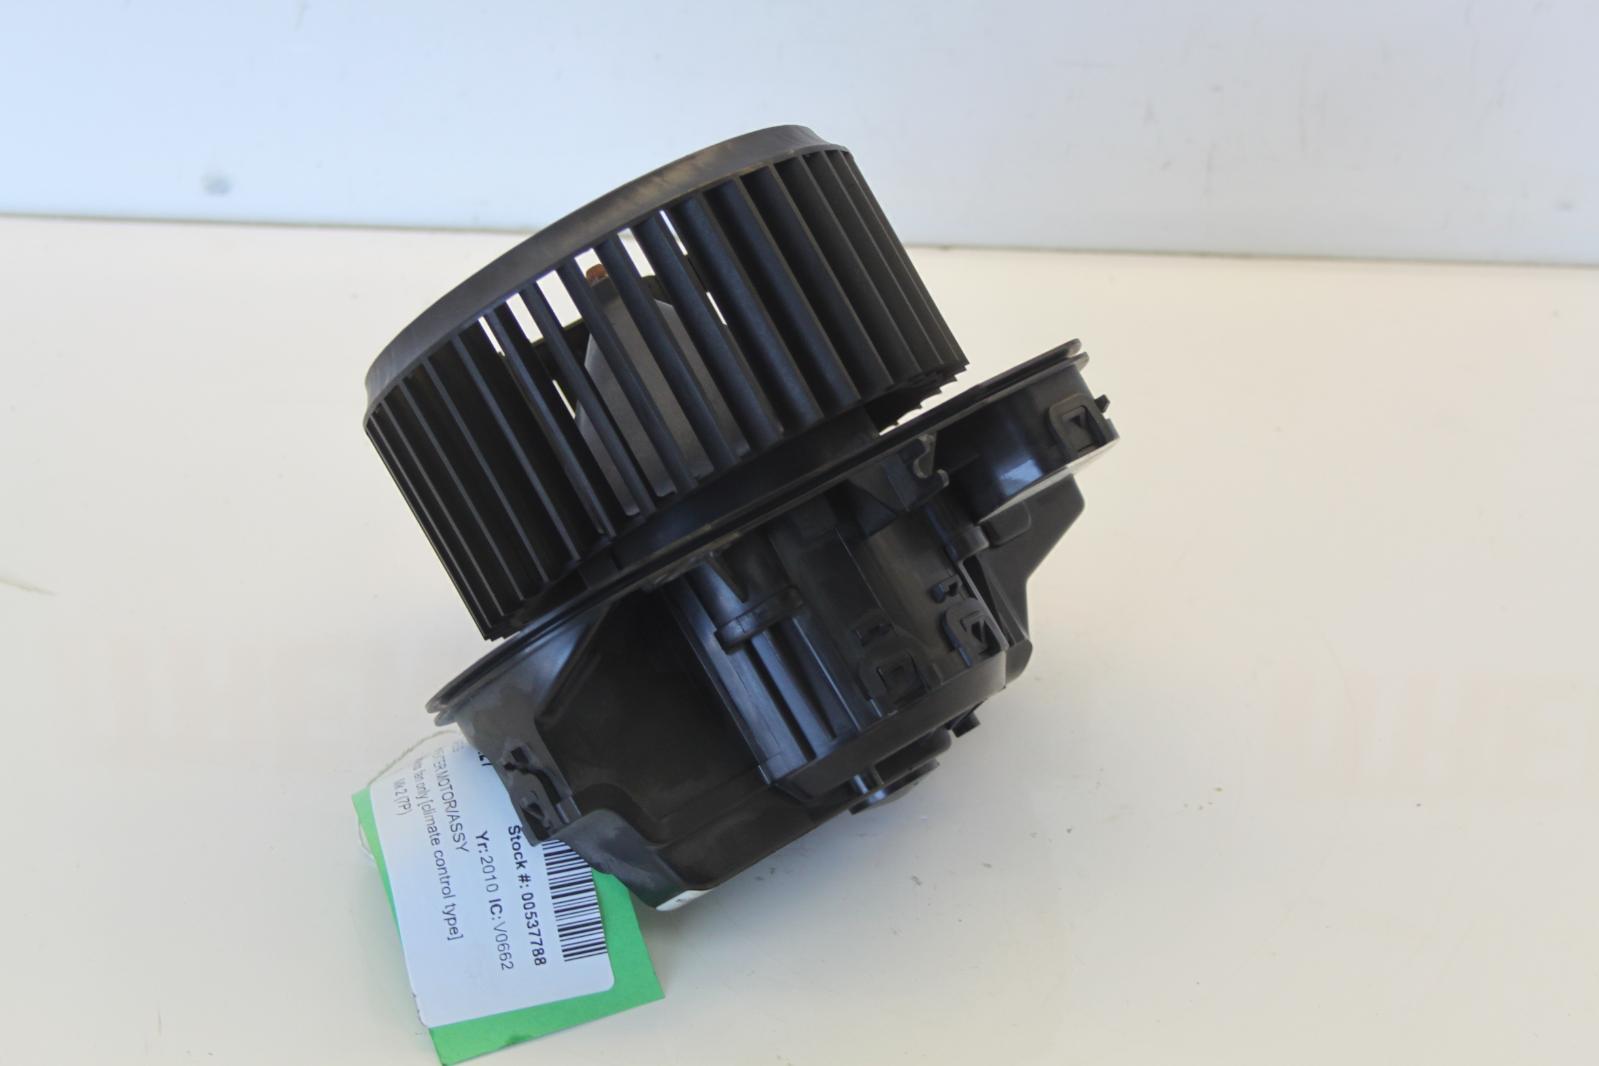 6 5 Diesel Blower : Volkswagen touareg cc diesel heater motor blower